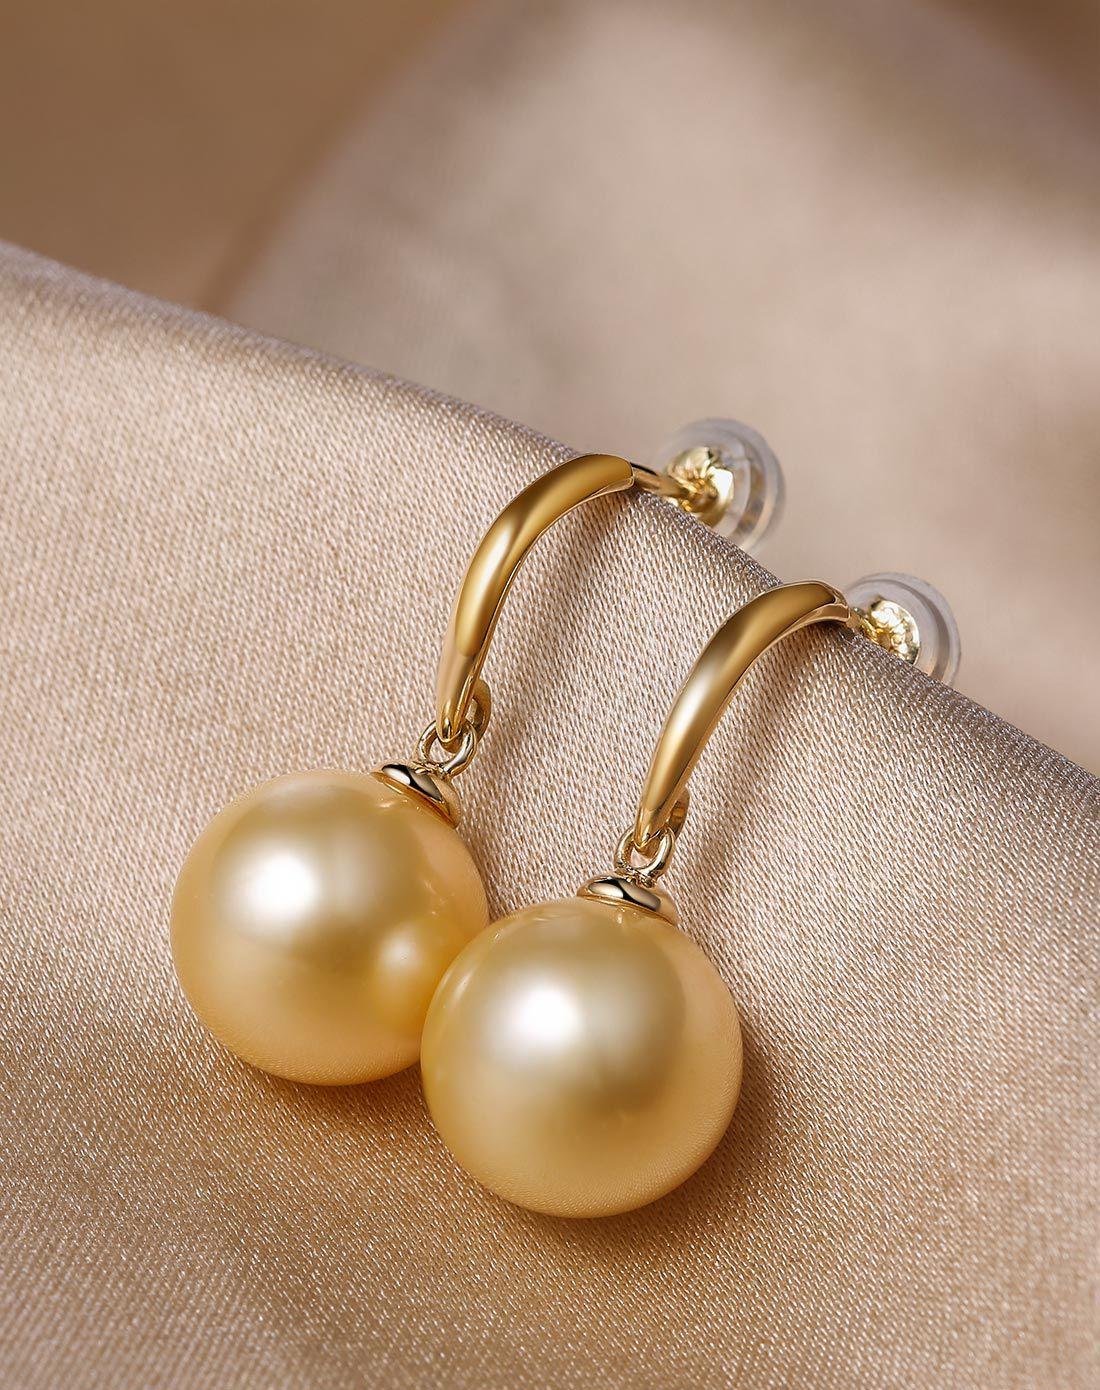 珍珠批發  南洋珍珠10-11mm南洋金色珍珠18K金耳釘